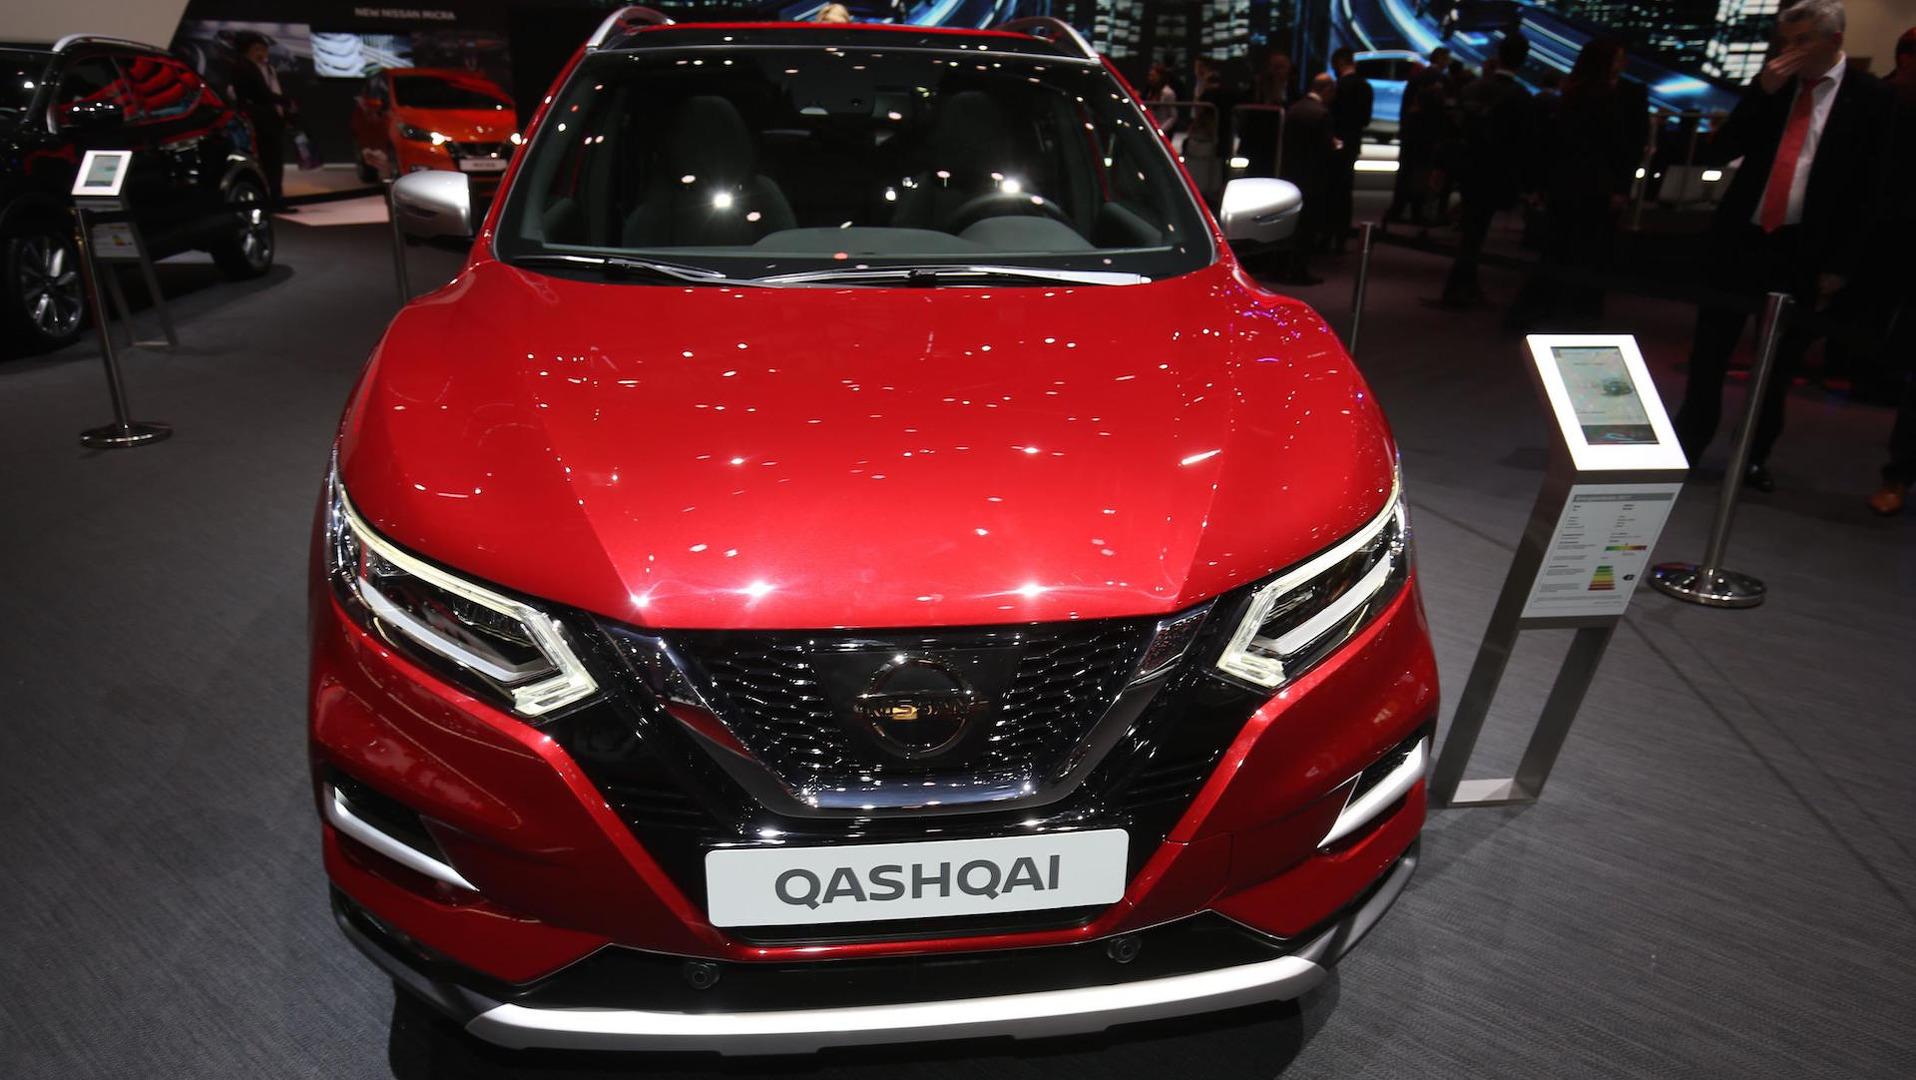 2018 Nissan Qashqai: Facelift, Changes, Autonomous Driving Tech >> Nissan Qashqai Facelift Brings Predictable Revisions Tech